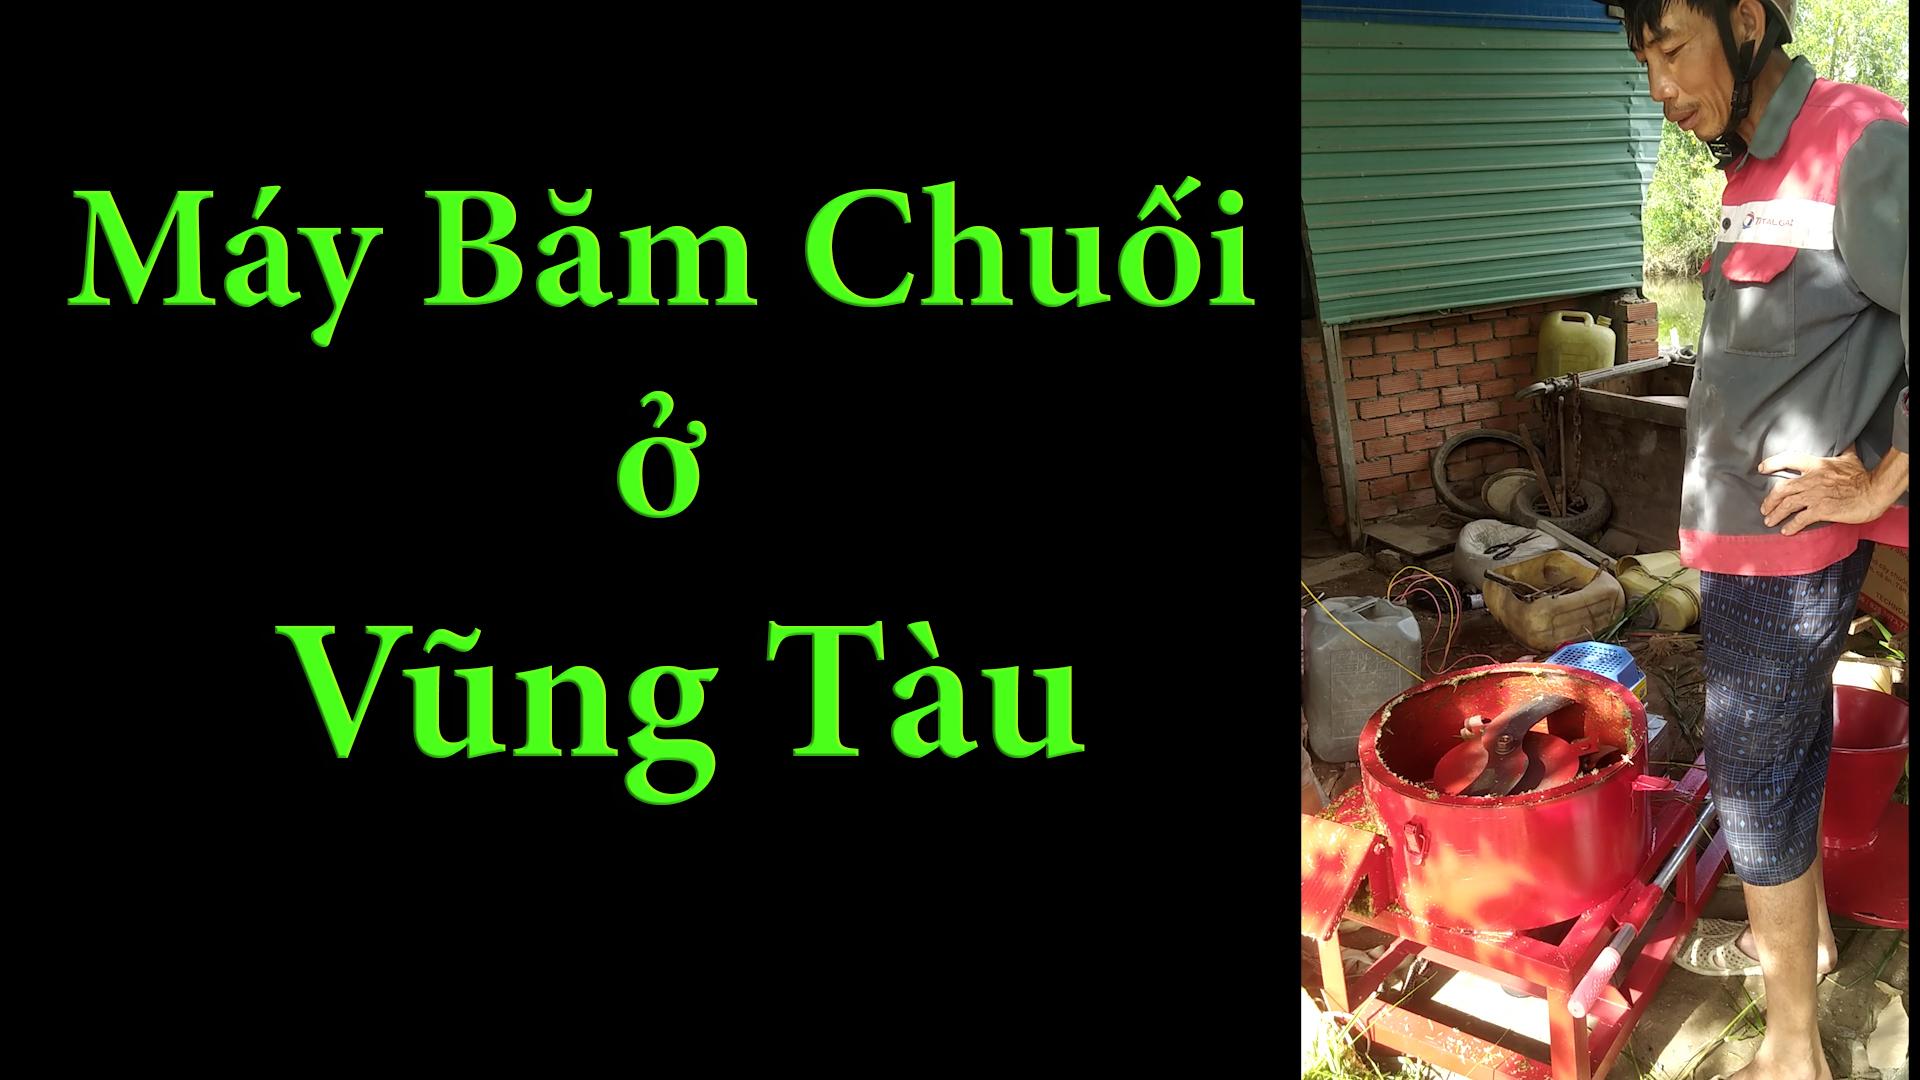 Chạy thử máy và bàn giao máy thái chuối mịn làm thức ăn cho gà cho khách hàng ở Vũng Tàu